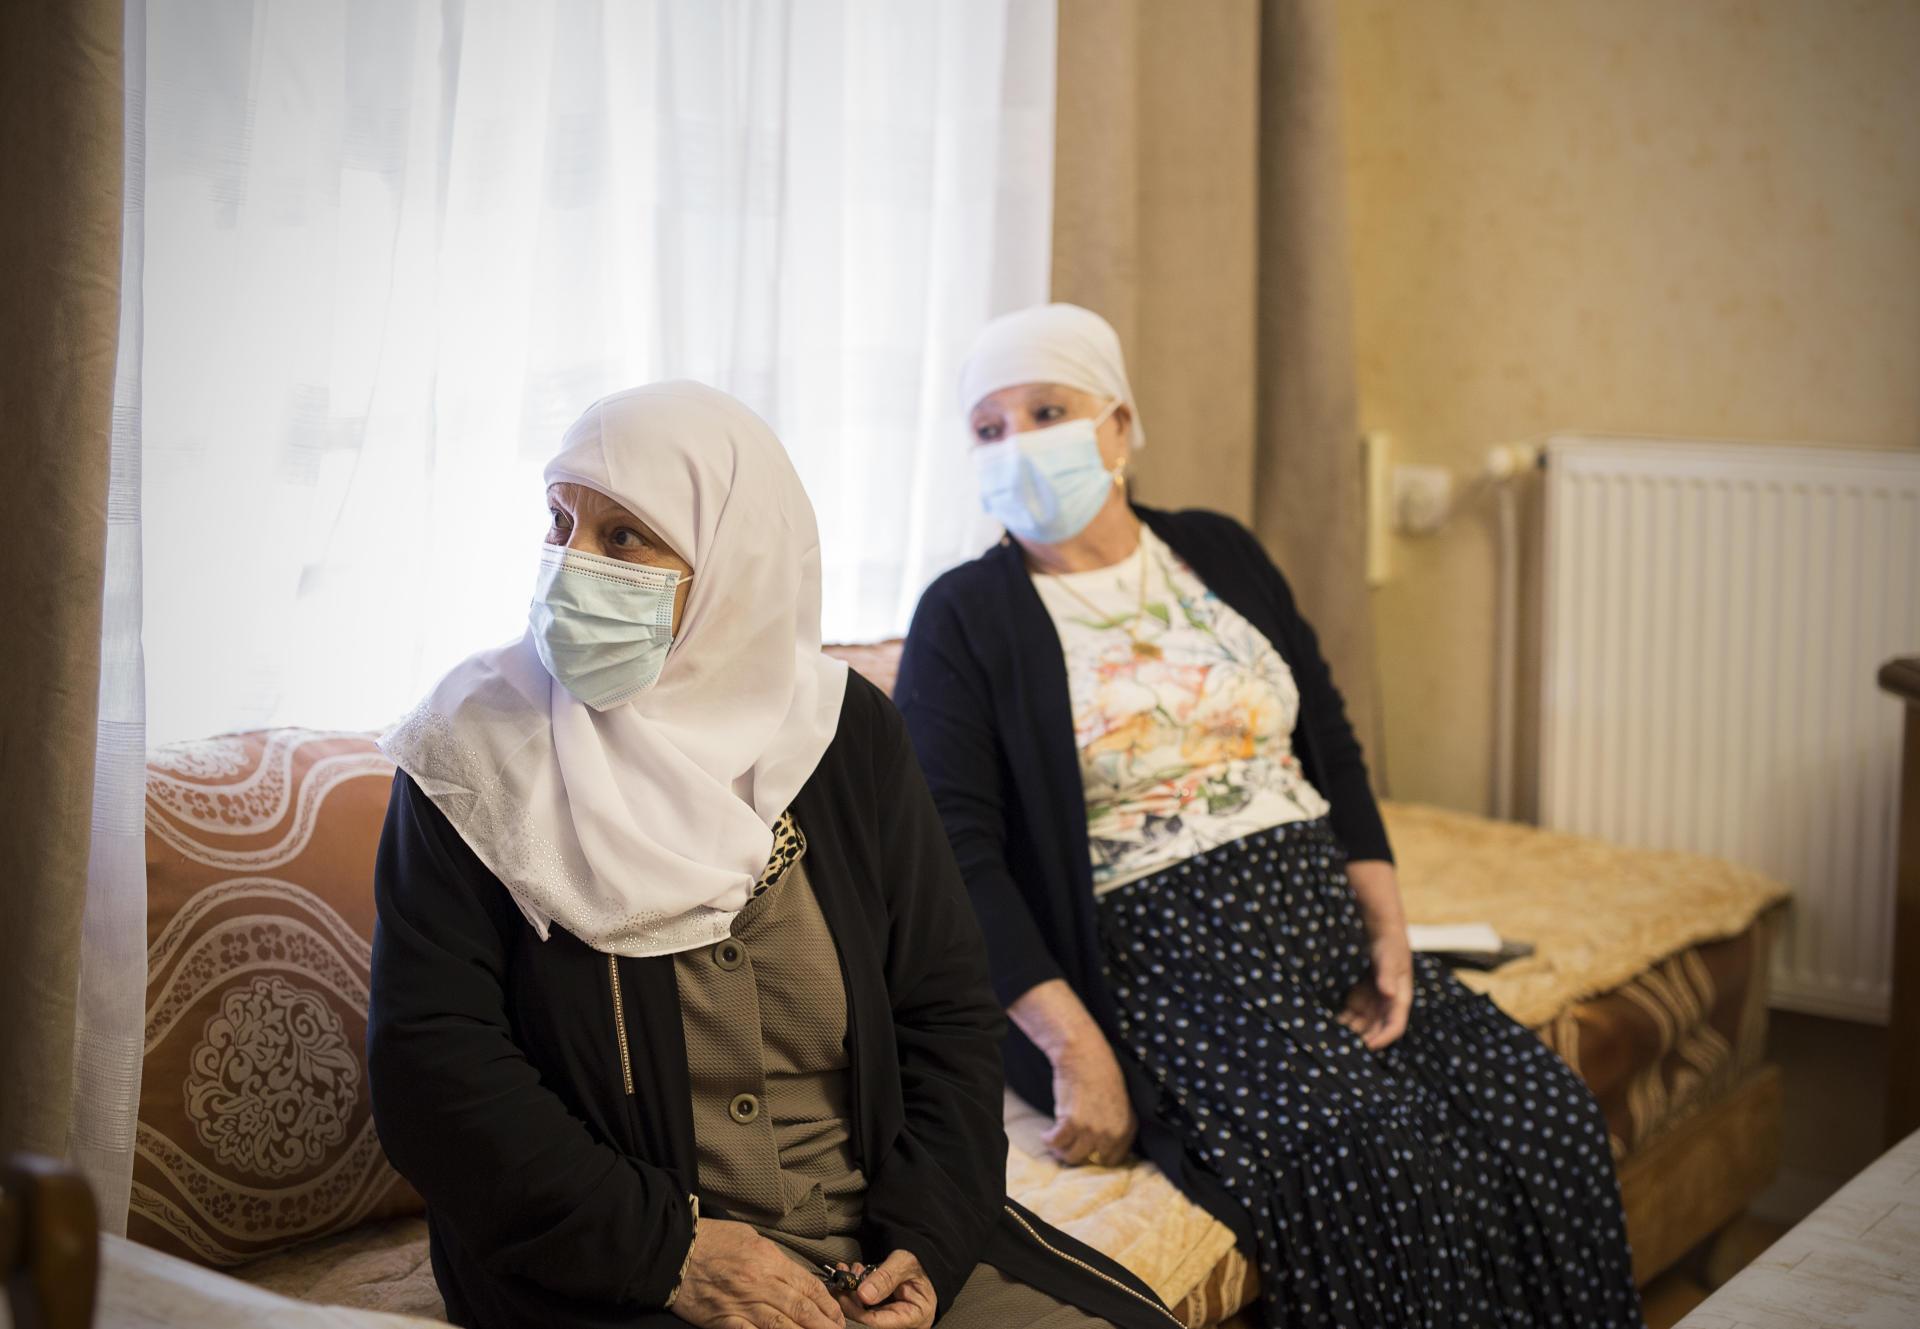 کاتوجا آتوش (سمت راست) در تاریخ 6 مه Zohra Benoumeur را در خانه خود ، در خانه آلما-فونتنوی در روبایی پذیرایی می کند.